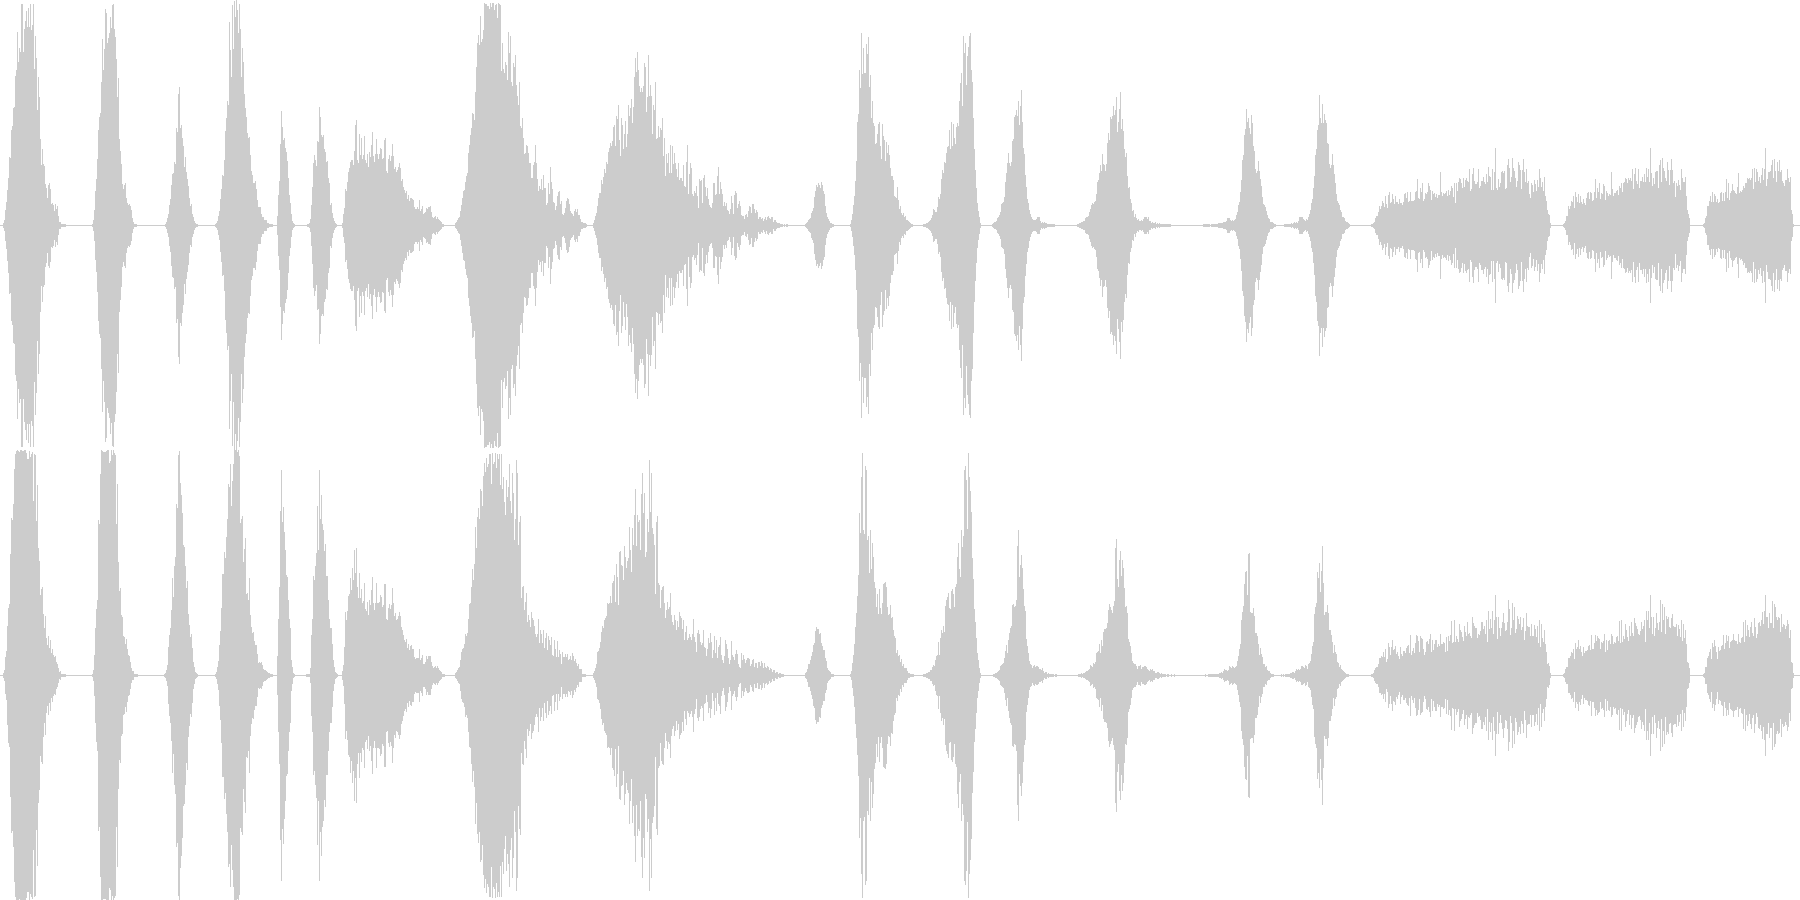 さまざまな異星の実体が通り過ぎる、...の未再生の波形